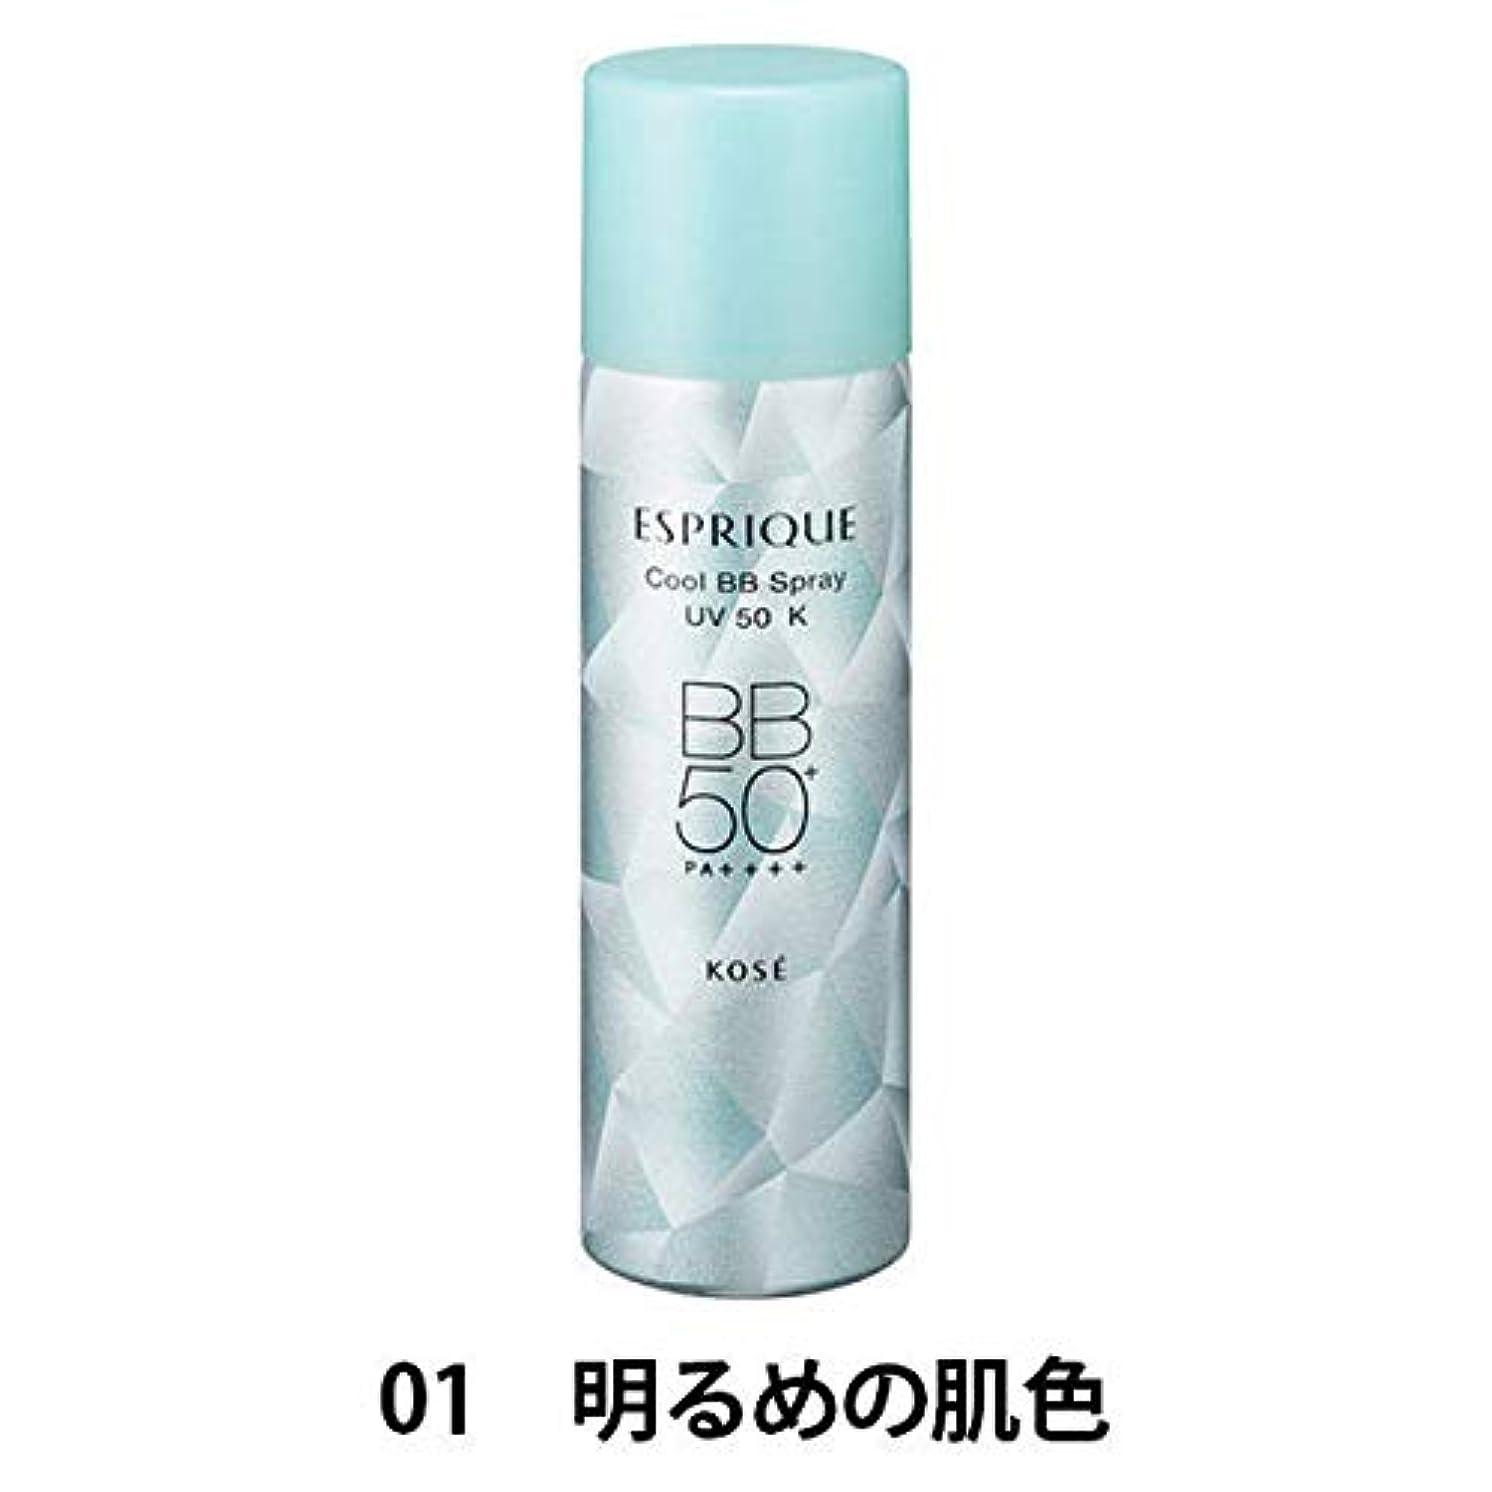 調整するここにポイント【限定品】KOSE コーセー エスプリーク ひんやりタッチ BBスプレー UV 50 K #01 60g 明るめの肌色